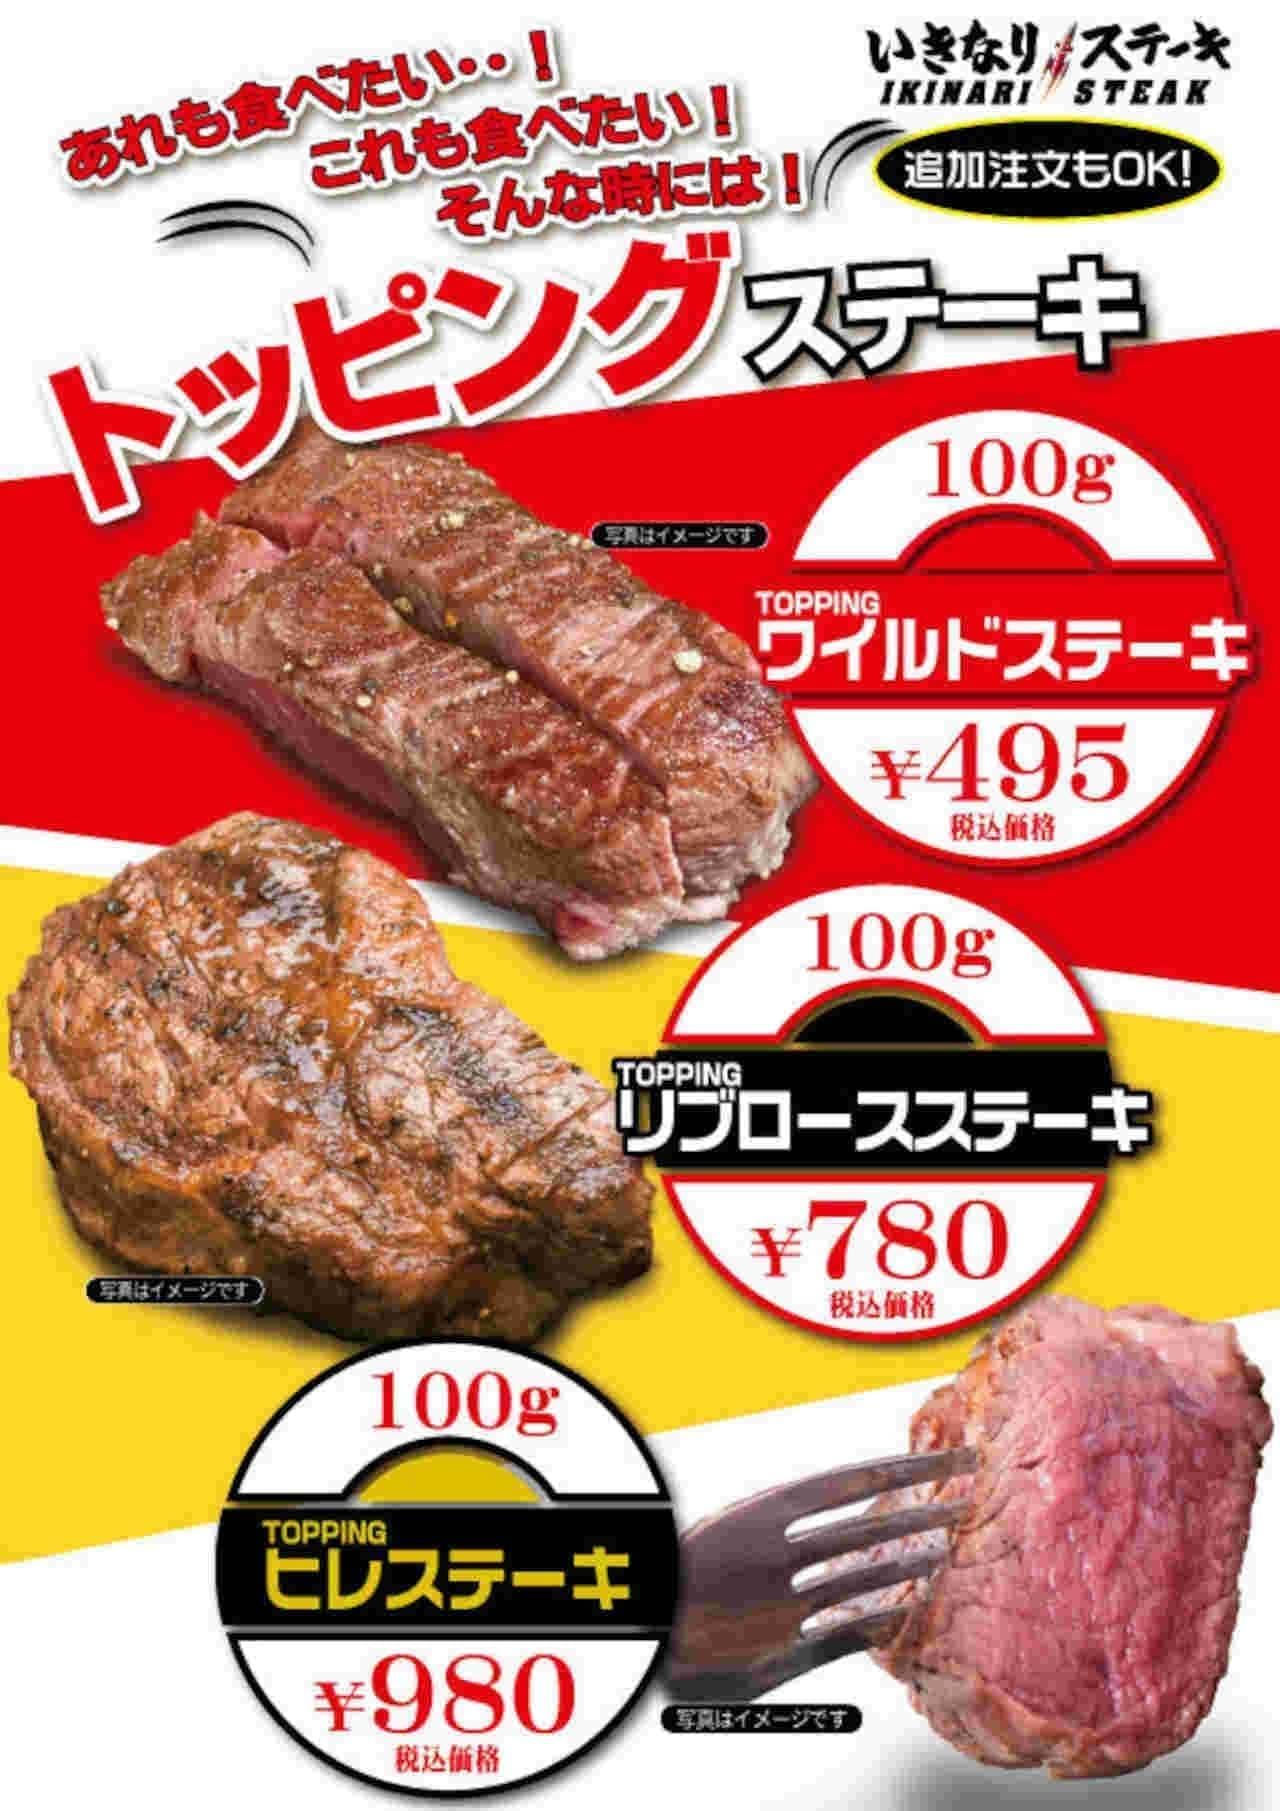 いきなり!ステーキ「トッピングステーキ」